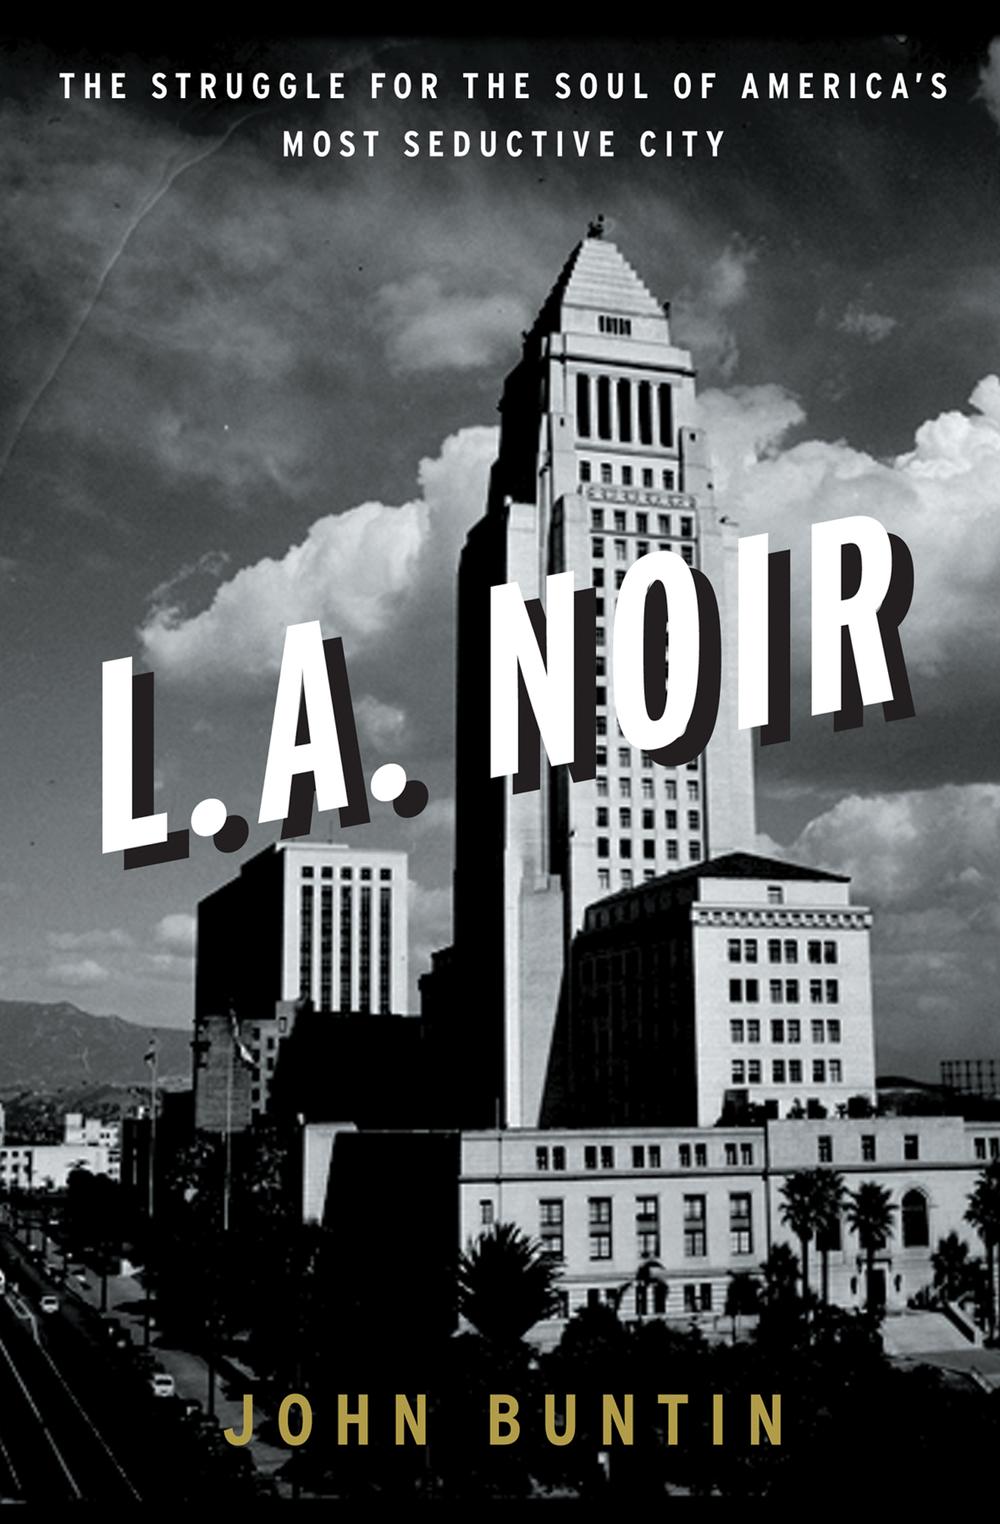 LA-NOIR-hc-ss6.jpg